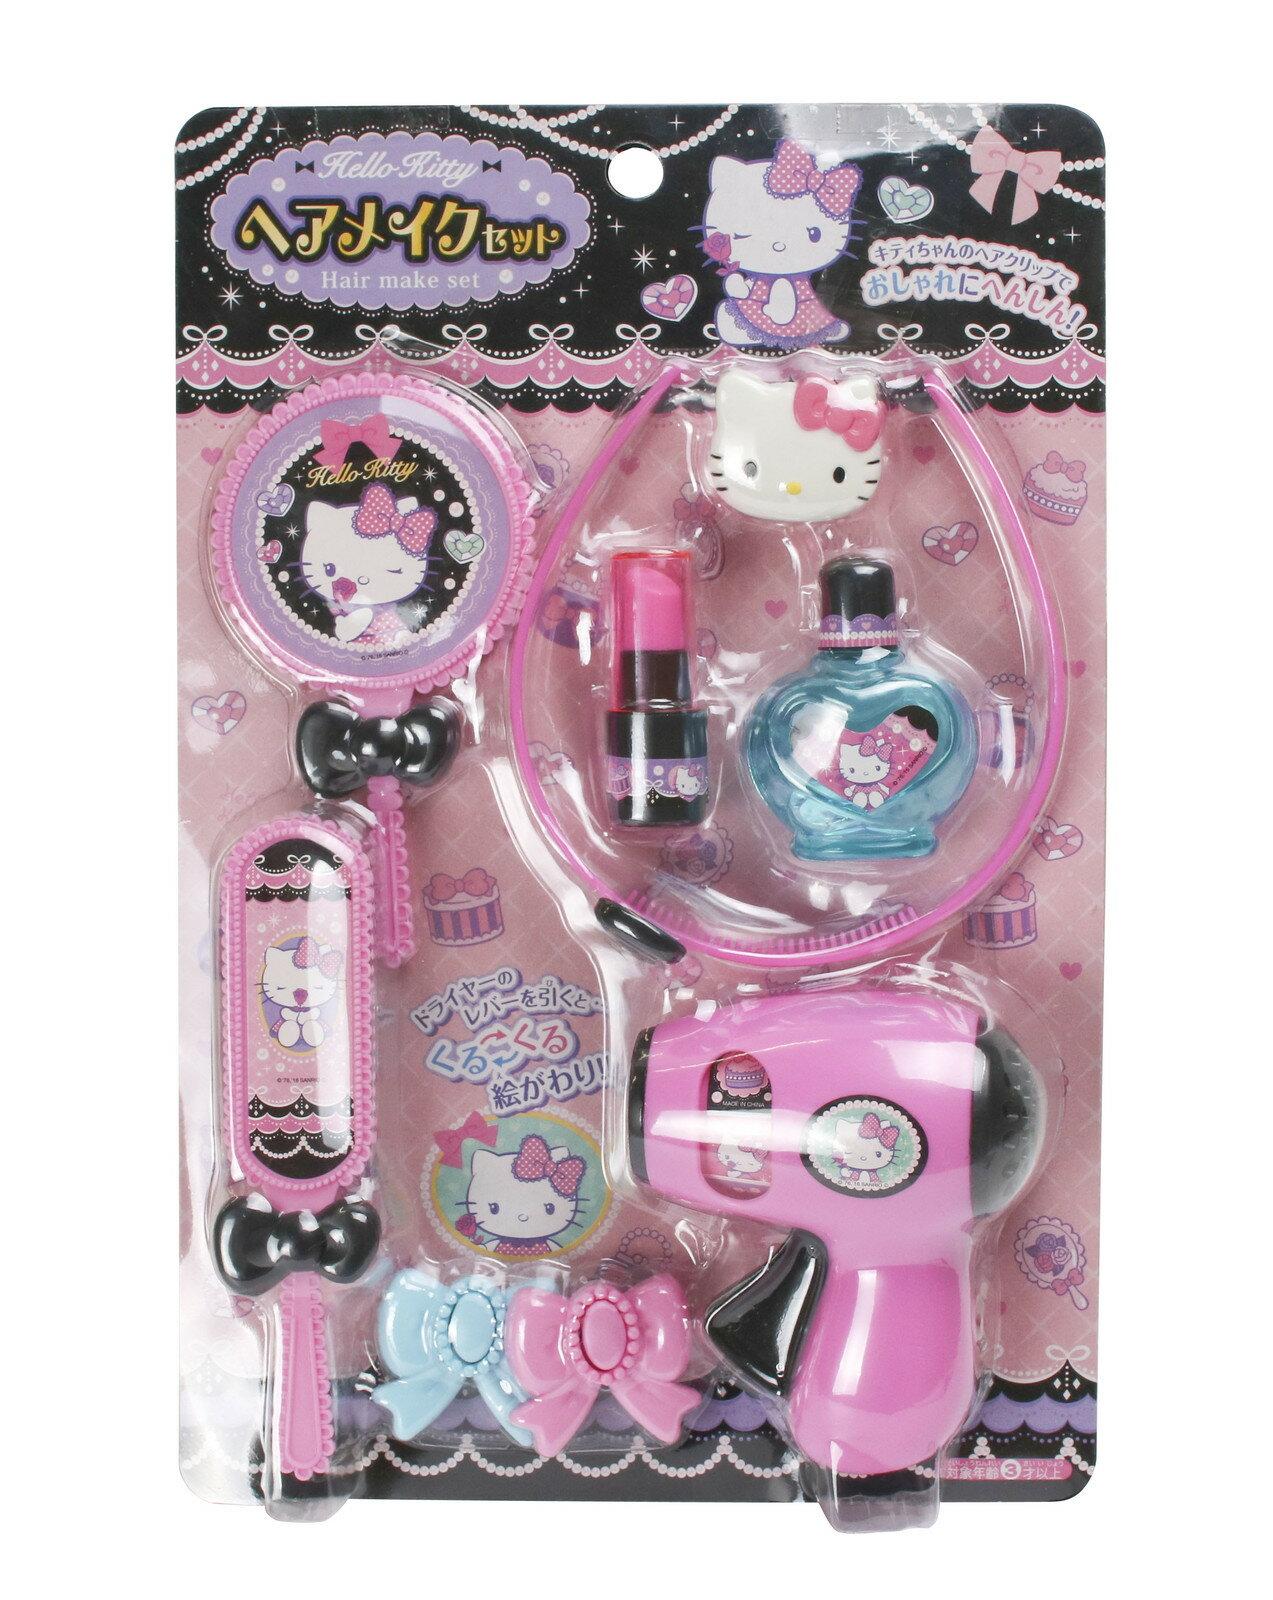 【真愛日本】17071100005 化妝玩具-KT蝴蝶結法飾紫 三麗鷗kitty凱蒂貓 吹風機梳子鏡子指甲油玩具組